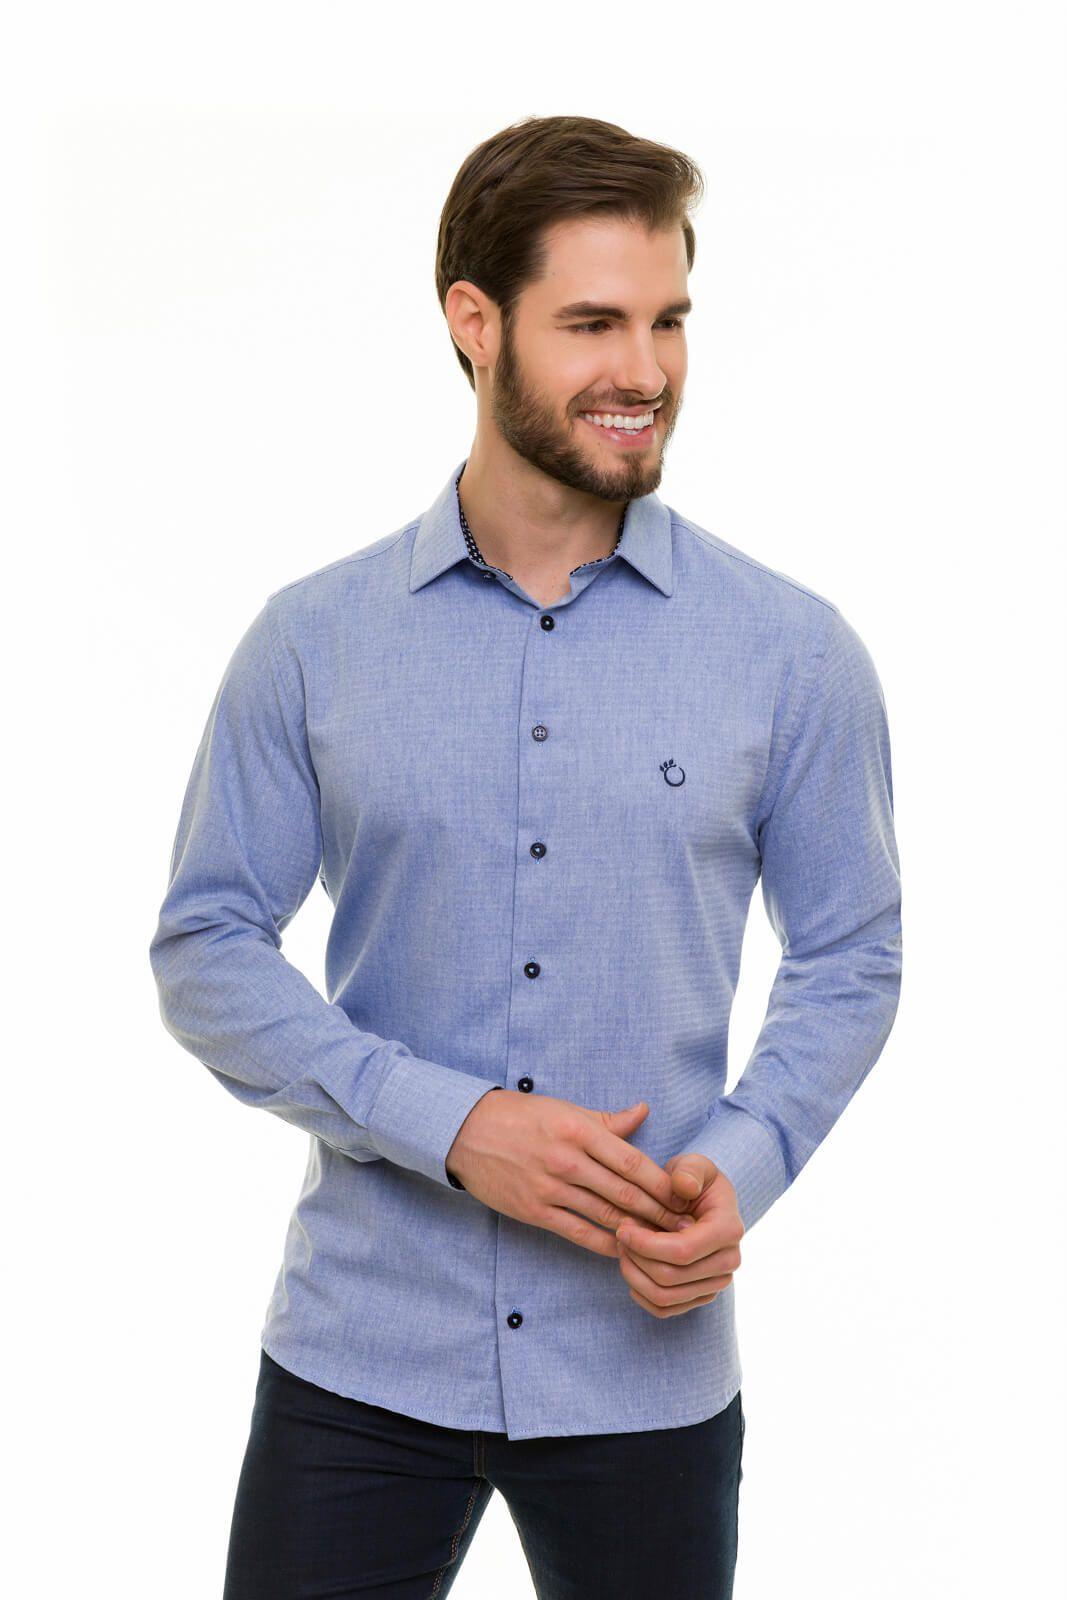 Camisa Social Olimpo Listrada 100% Algodão Fio 50 Manga Longa